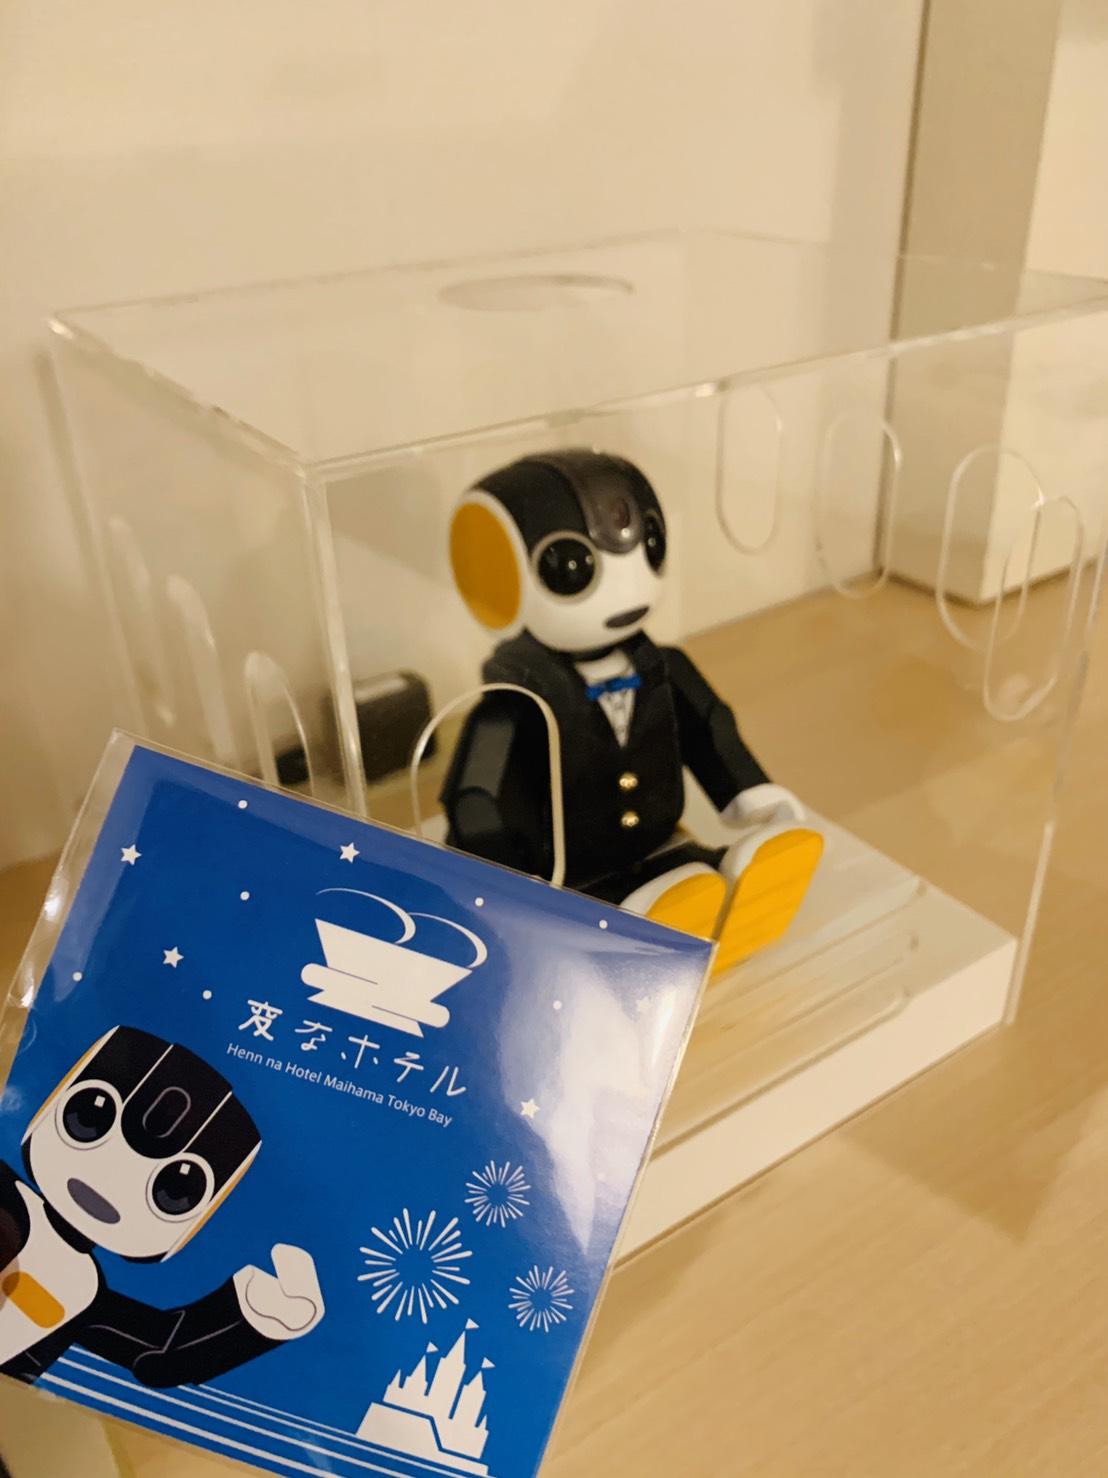 【告知】今なら、ロボホンステッカーをご宿泊者様にプレゼント中!!!